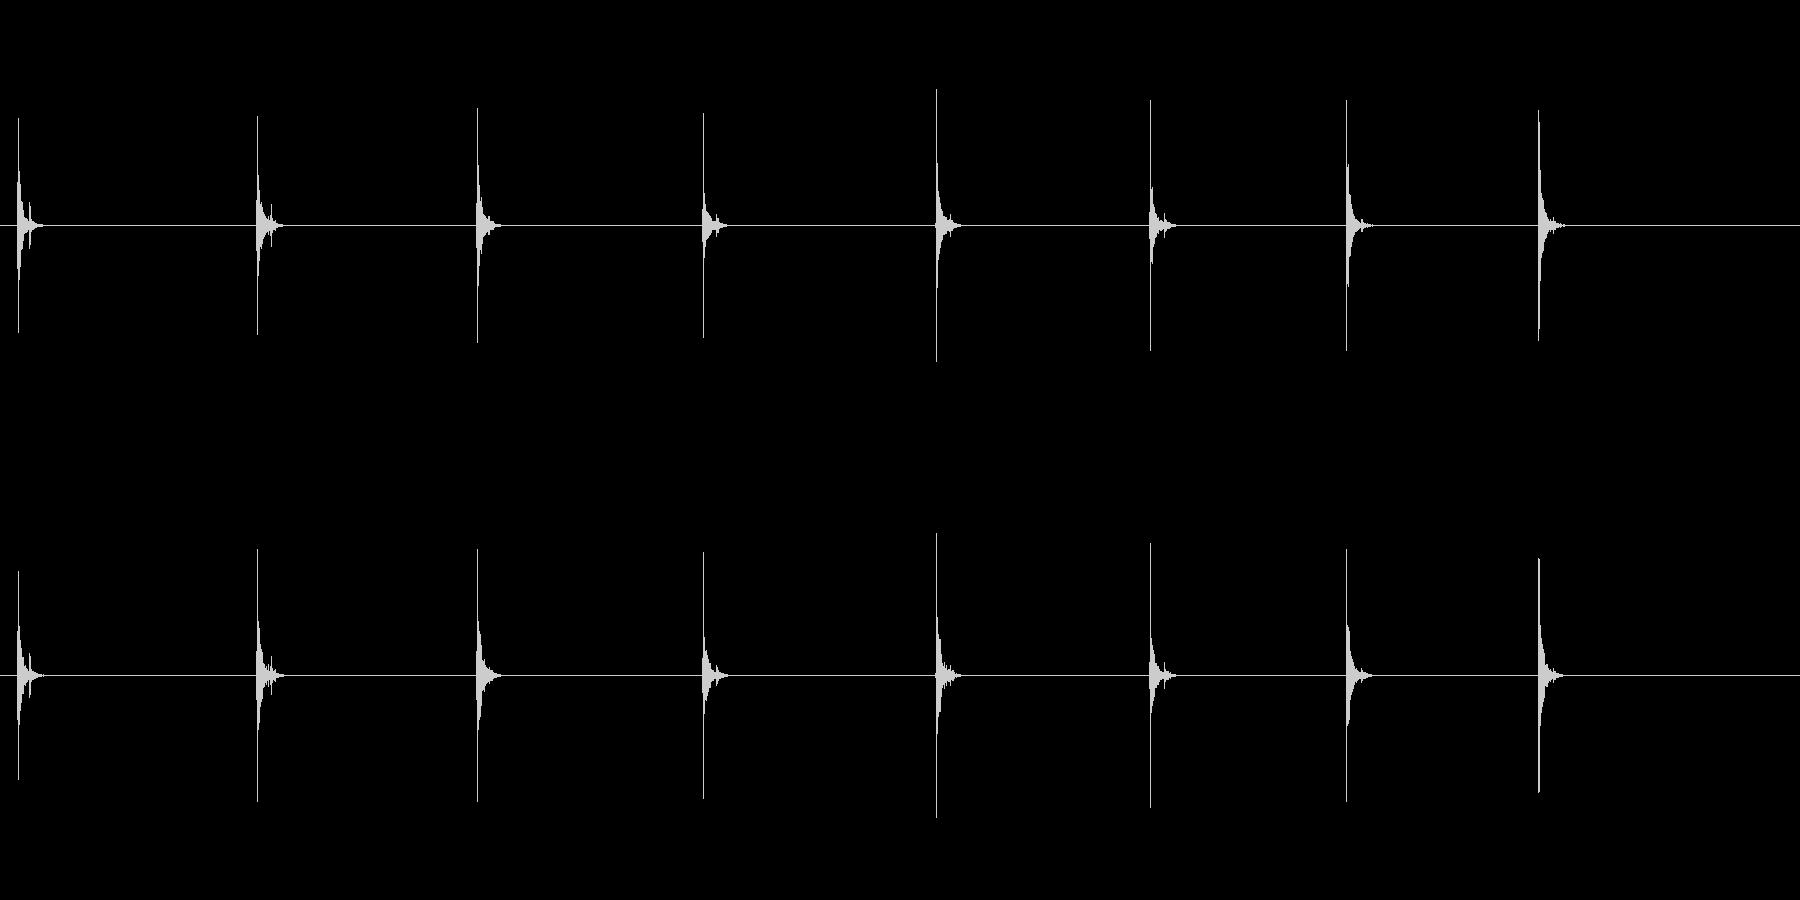 PC キーボード05-17(遠い 単発 の未再生の波形